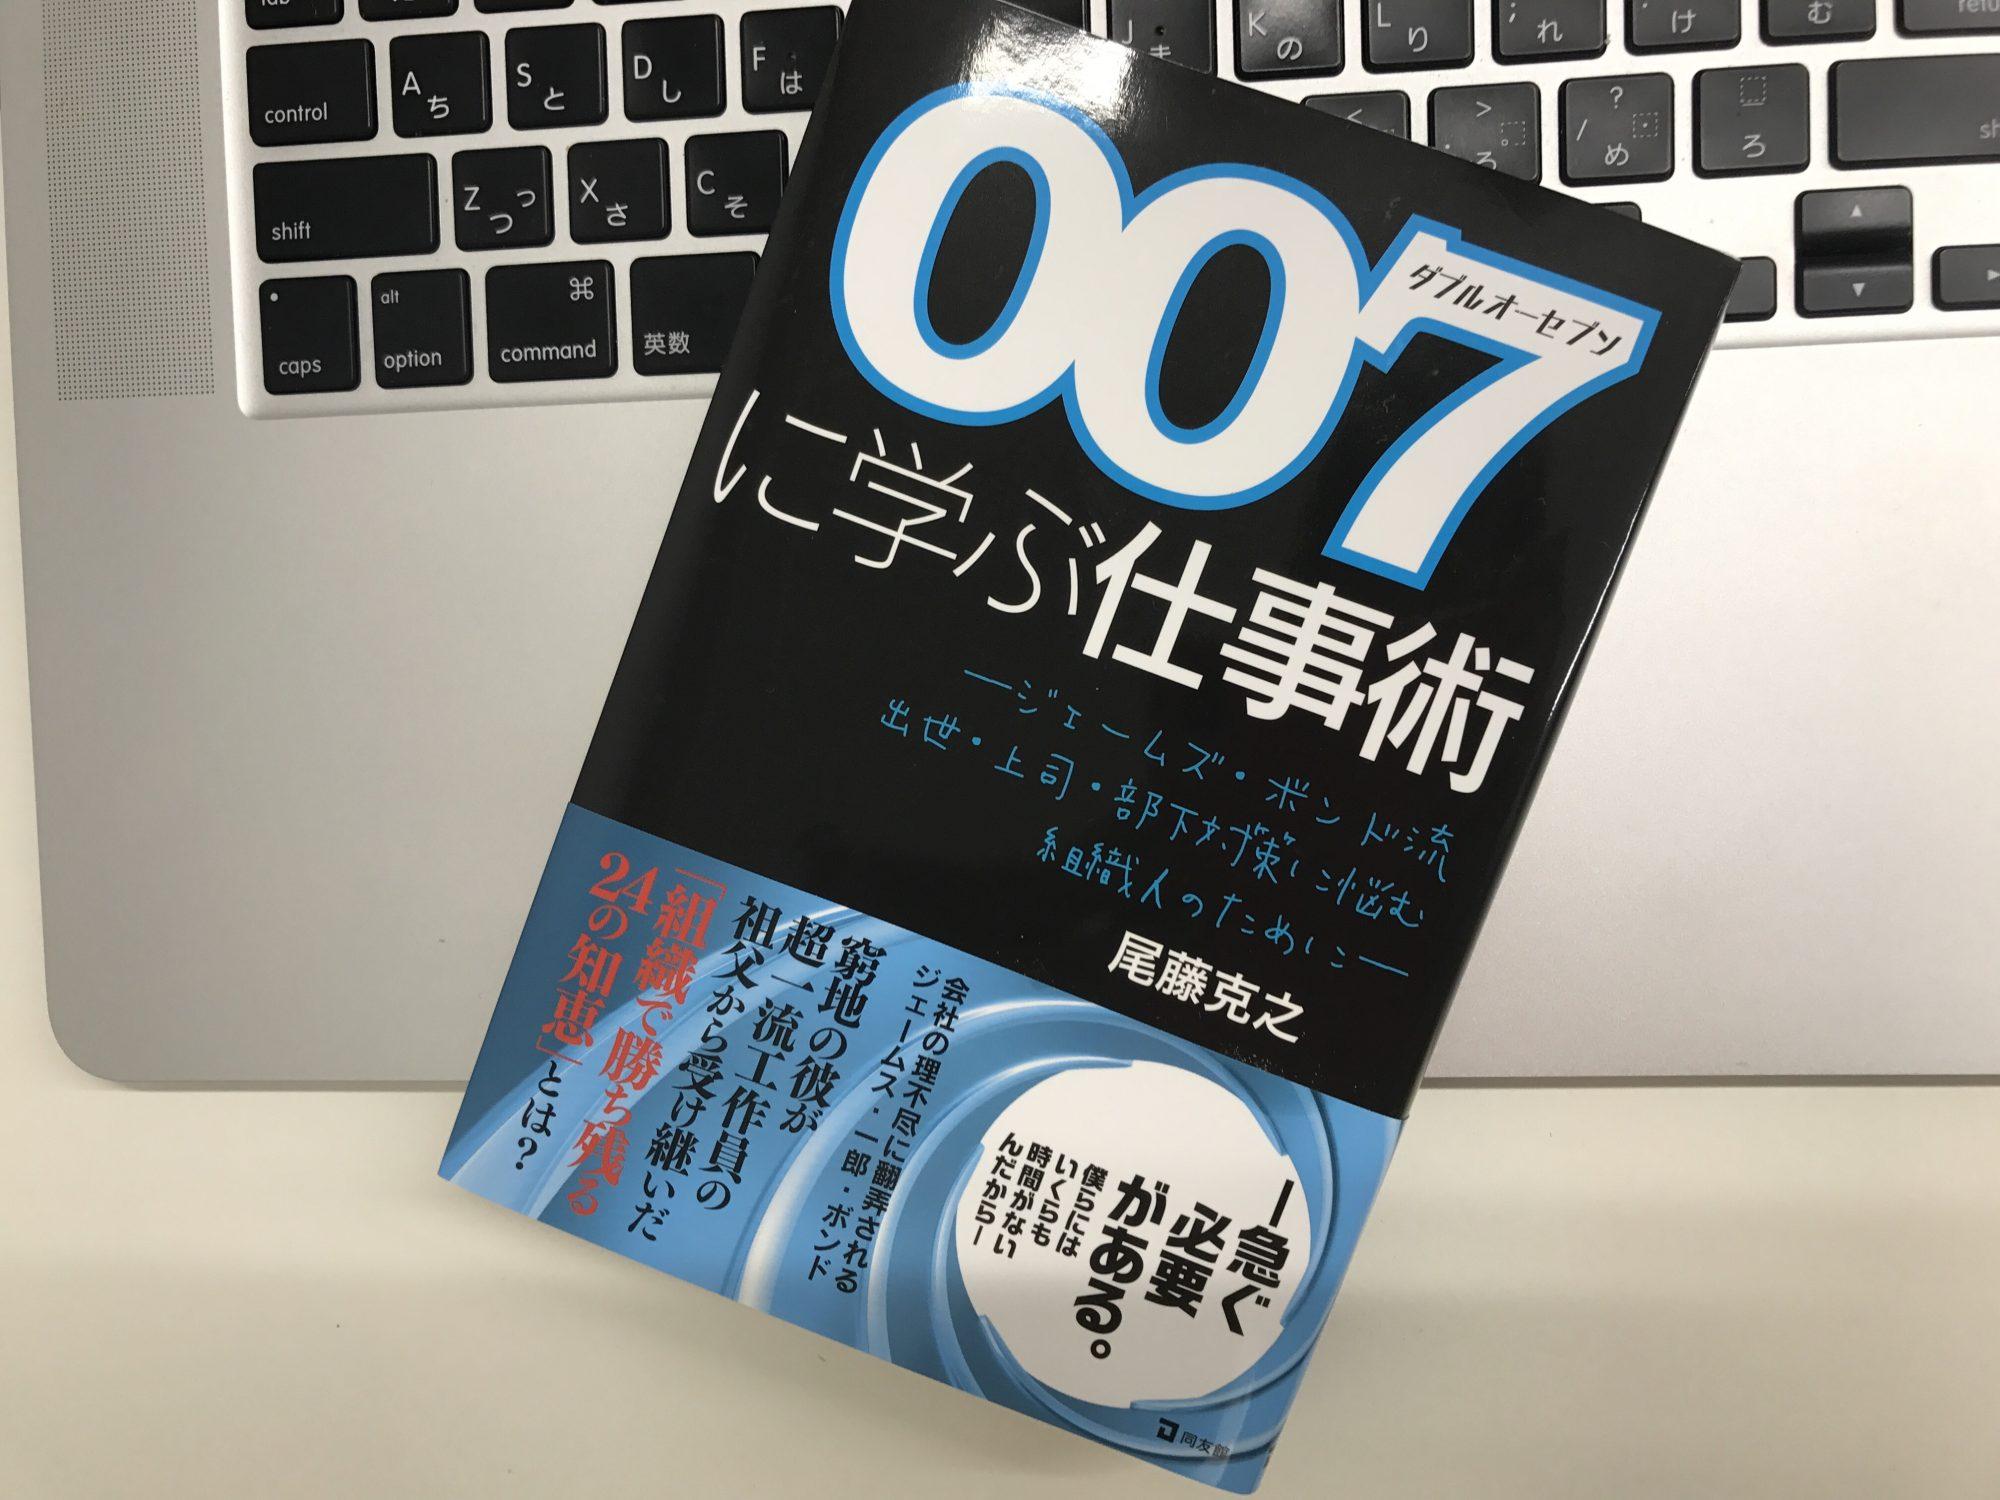 007を仕事術で語ってくれてありがとう!